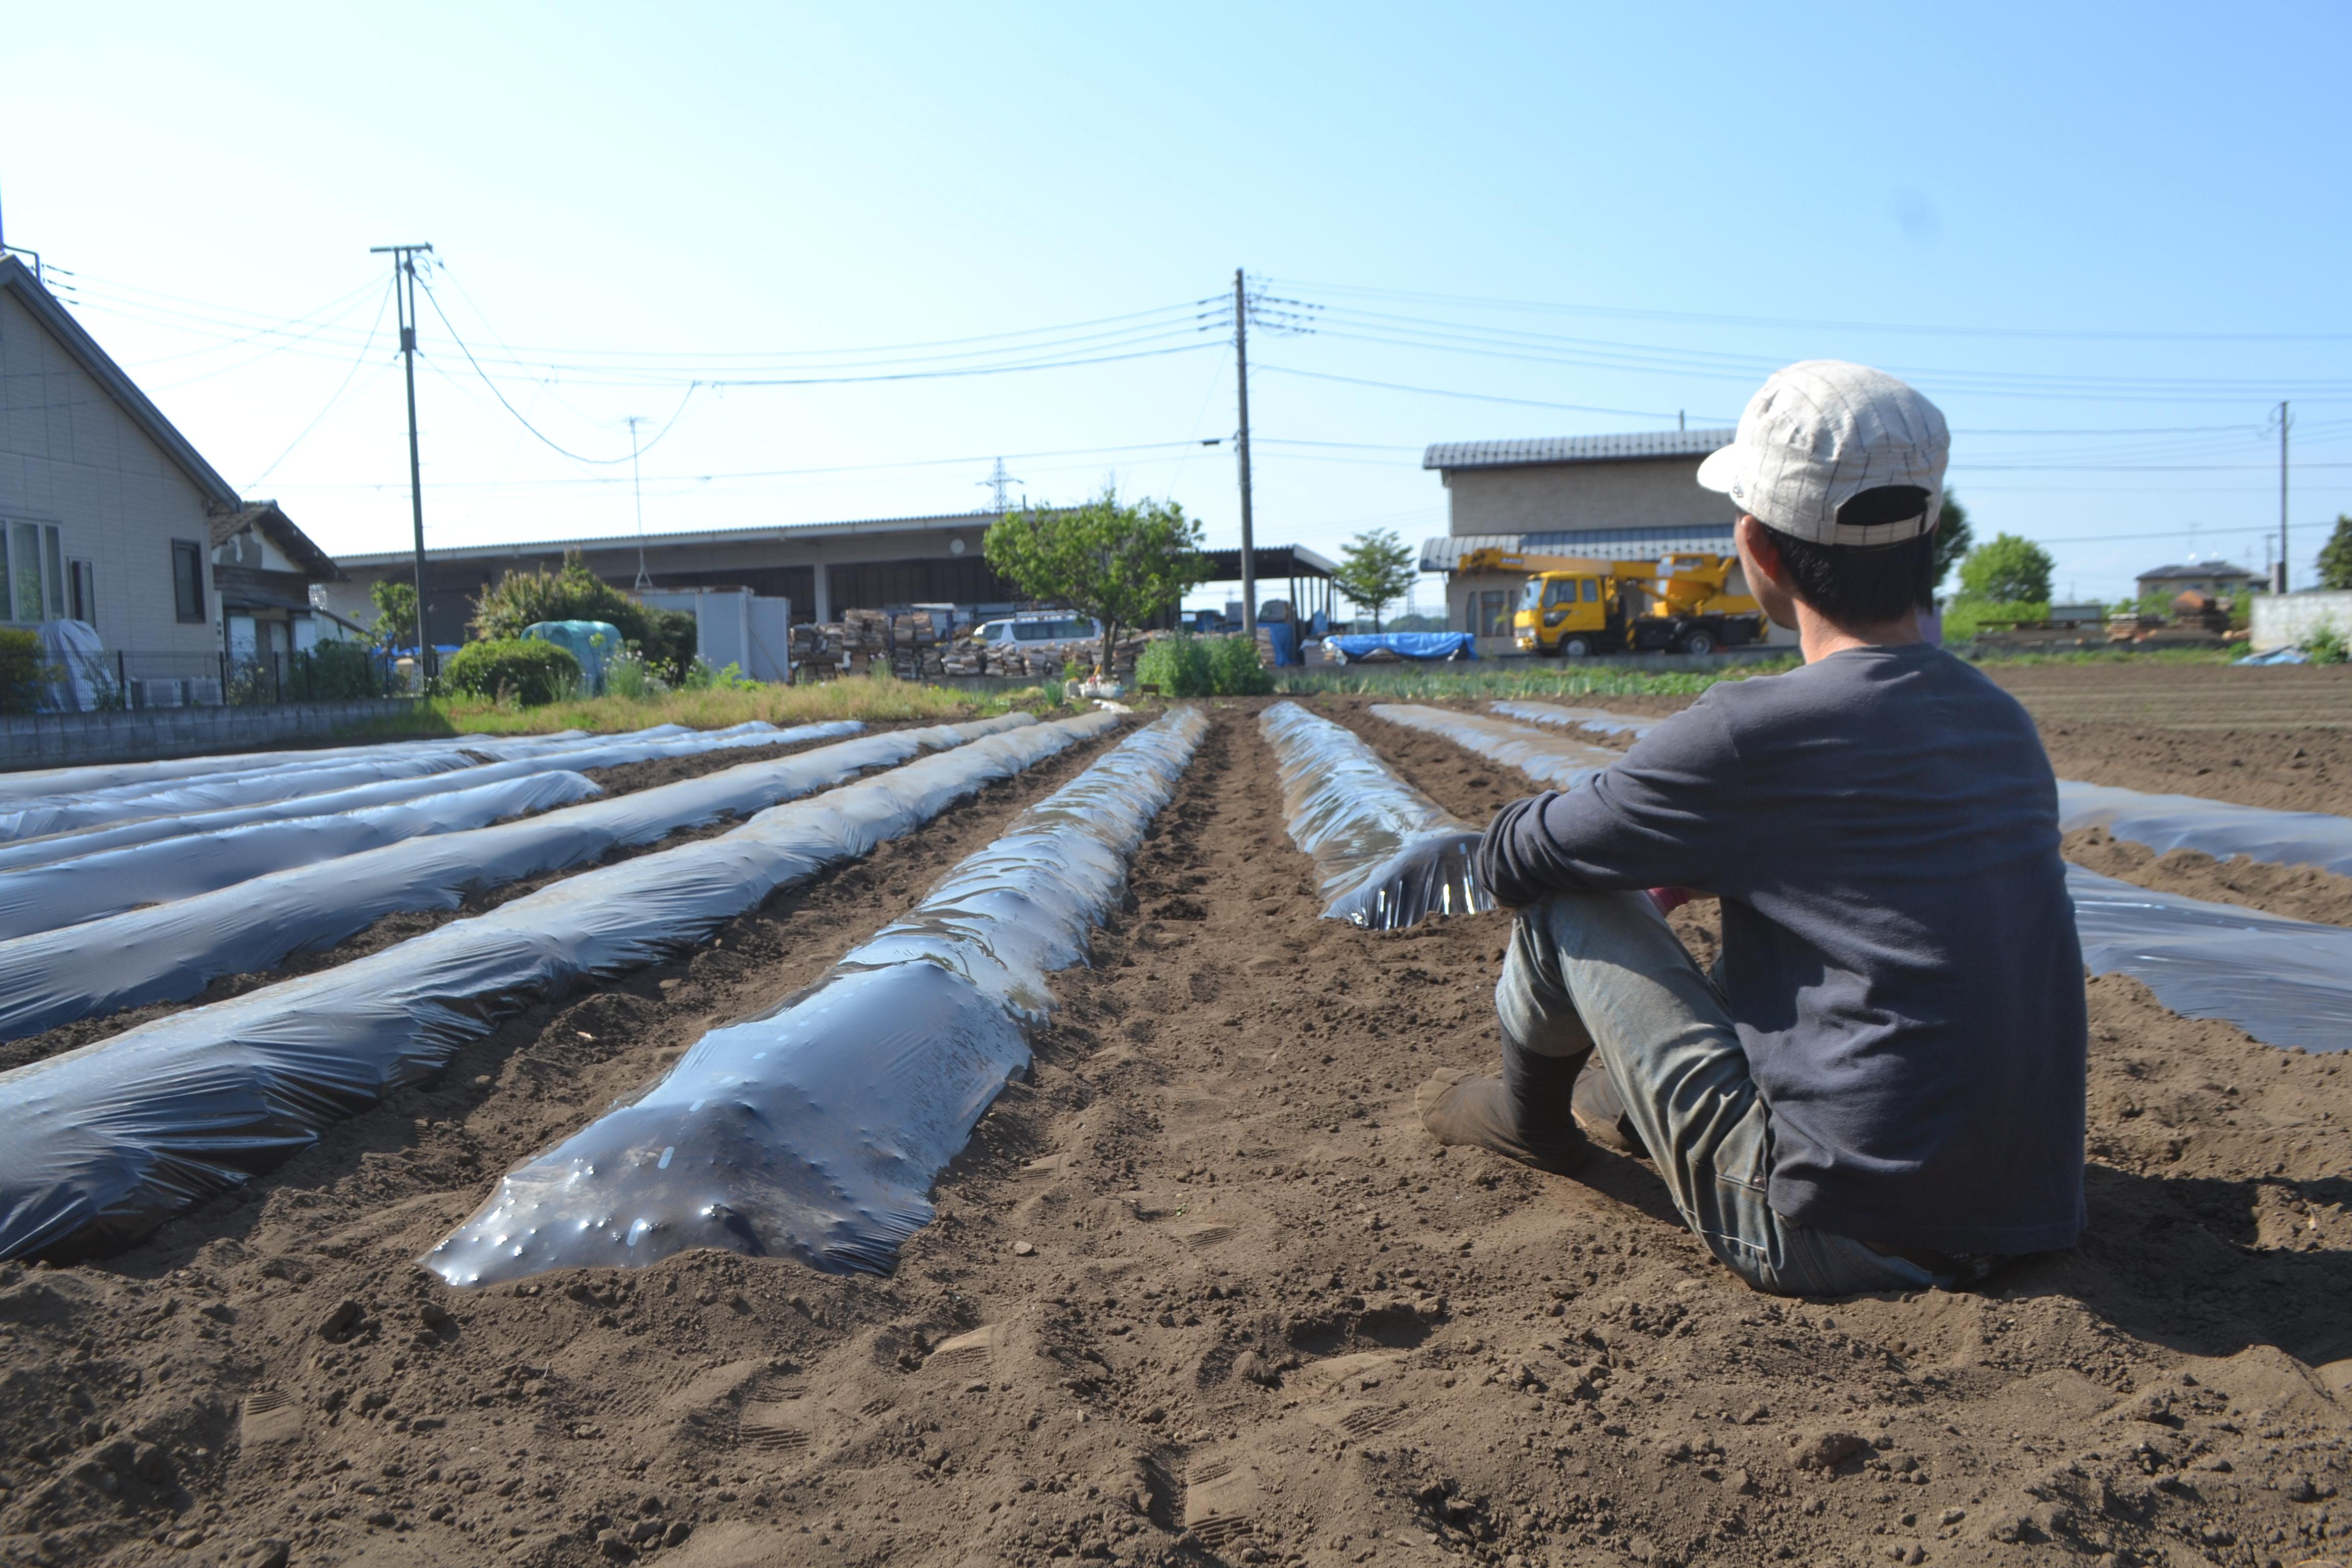 里芋植えて思ったけど、野菜は植えてからお金になるまでの間隔があるから大変だよね〜